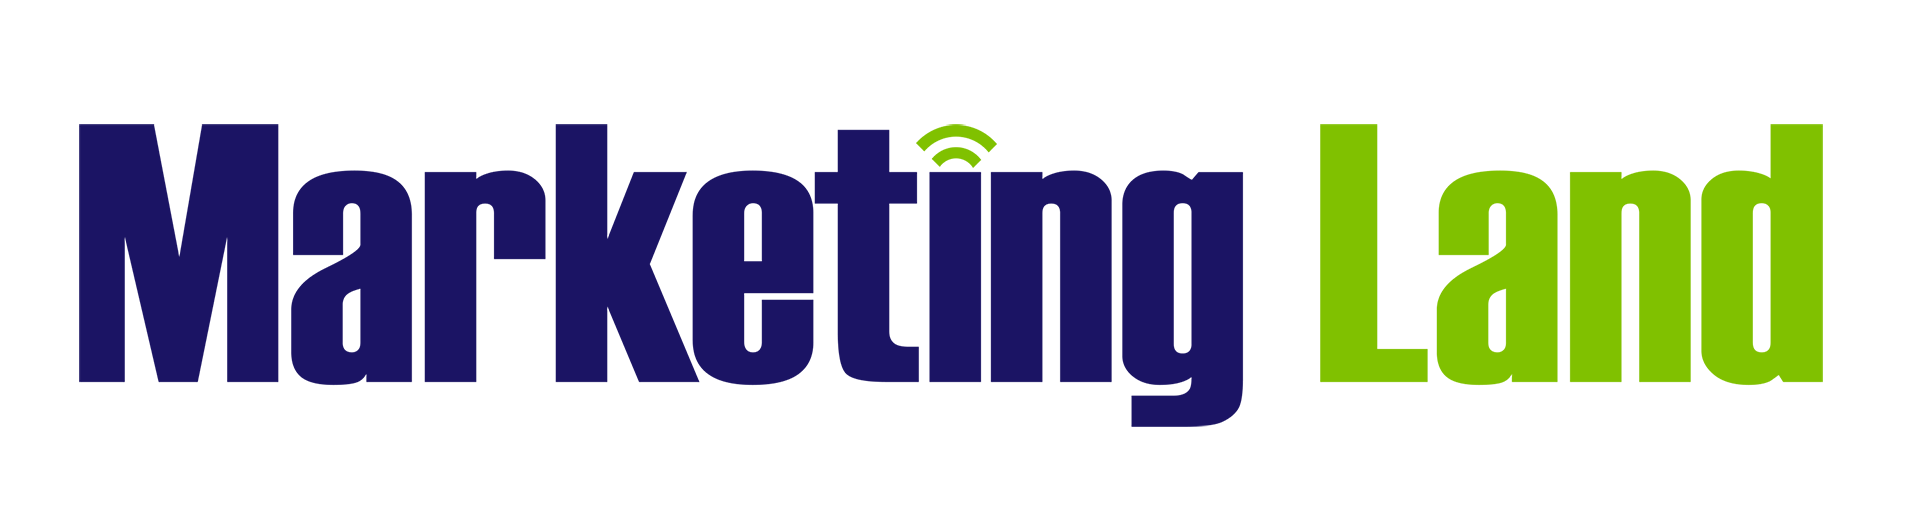 logo - marketing land